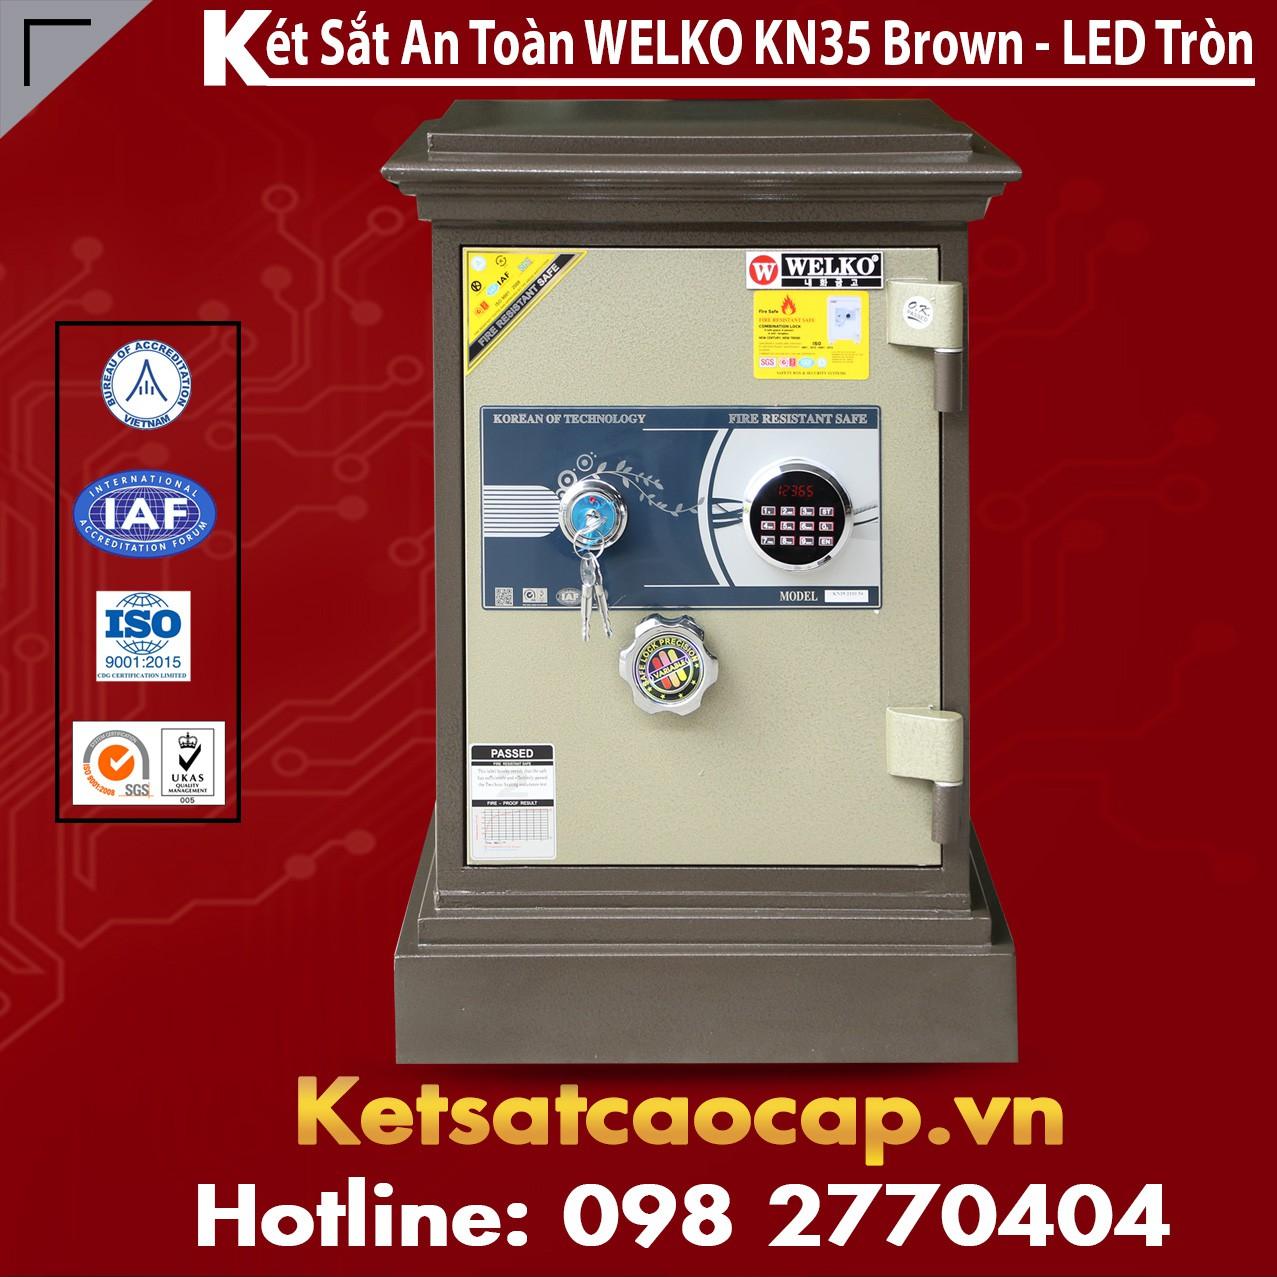 Két Sắt WELKO KN35 Brown - LED Tròn